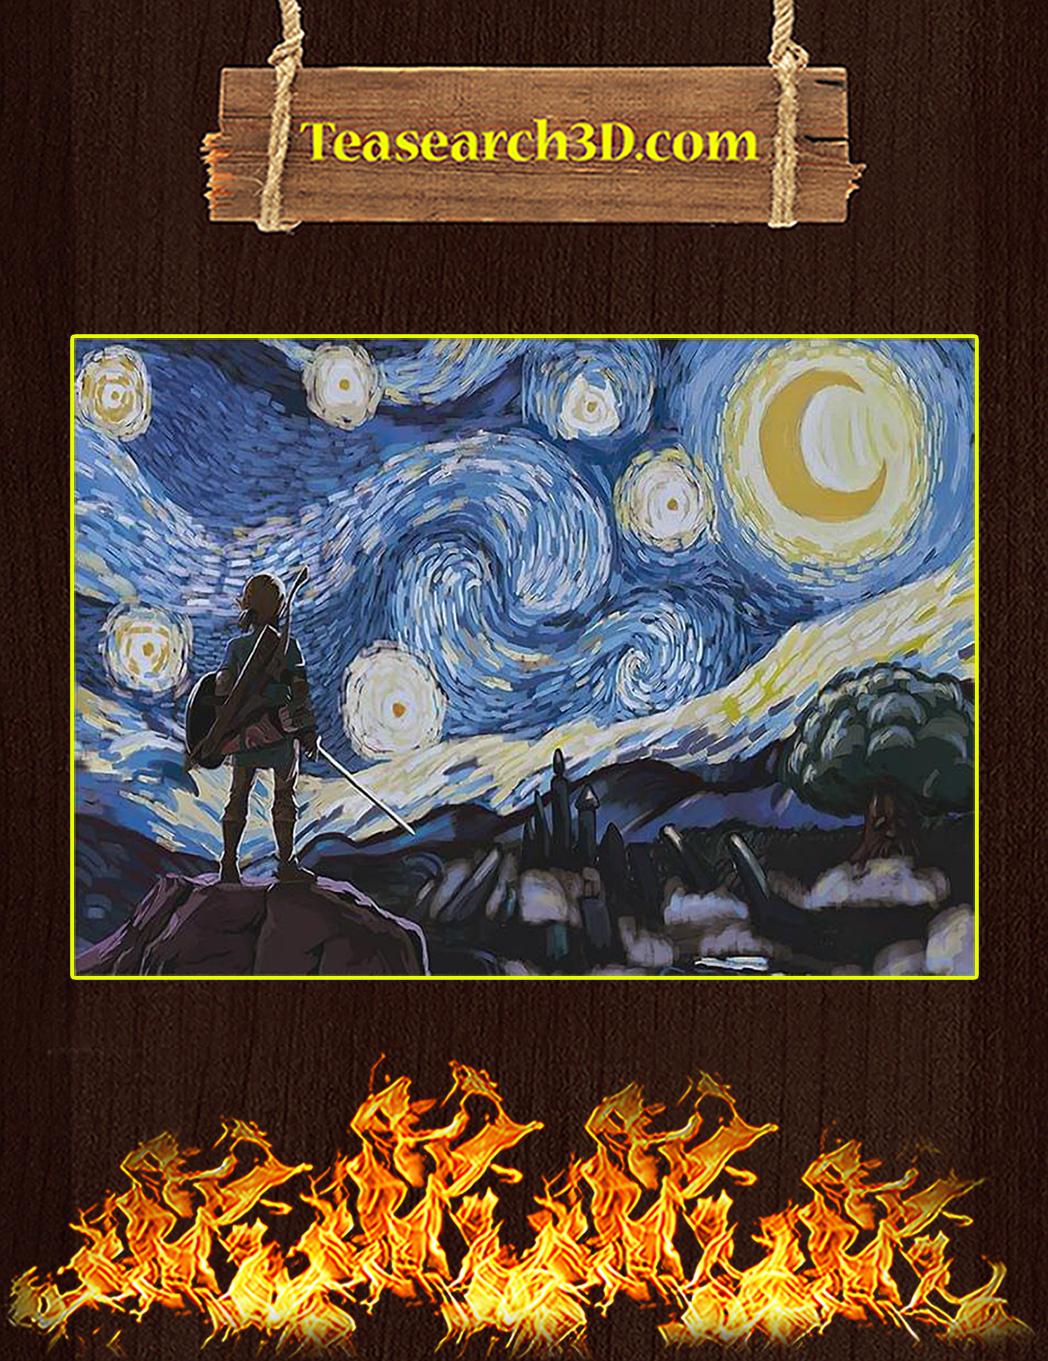 Legend of Zelda starry night van gogh poster A1